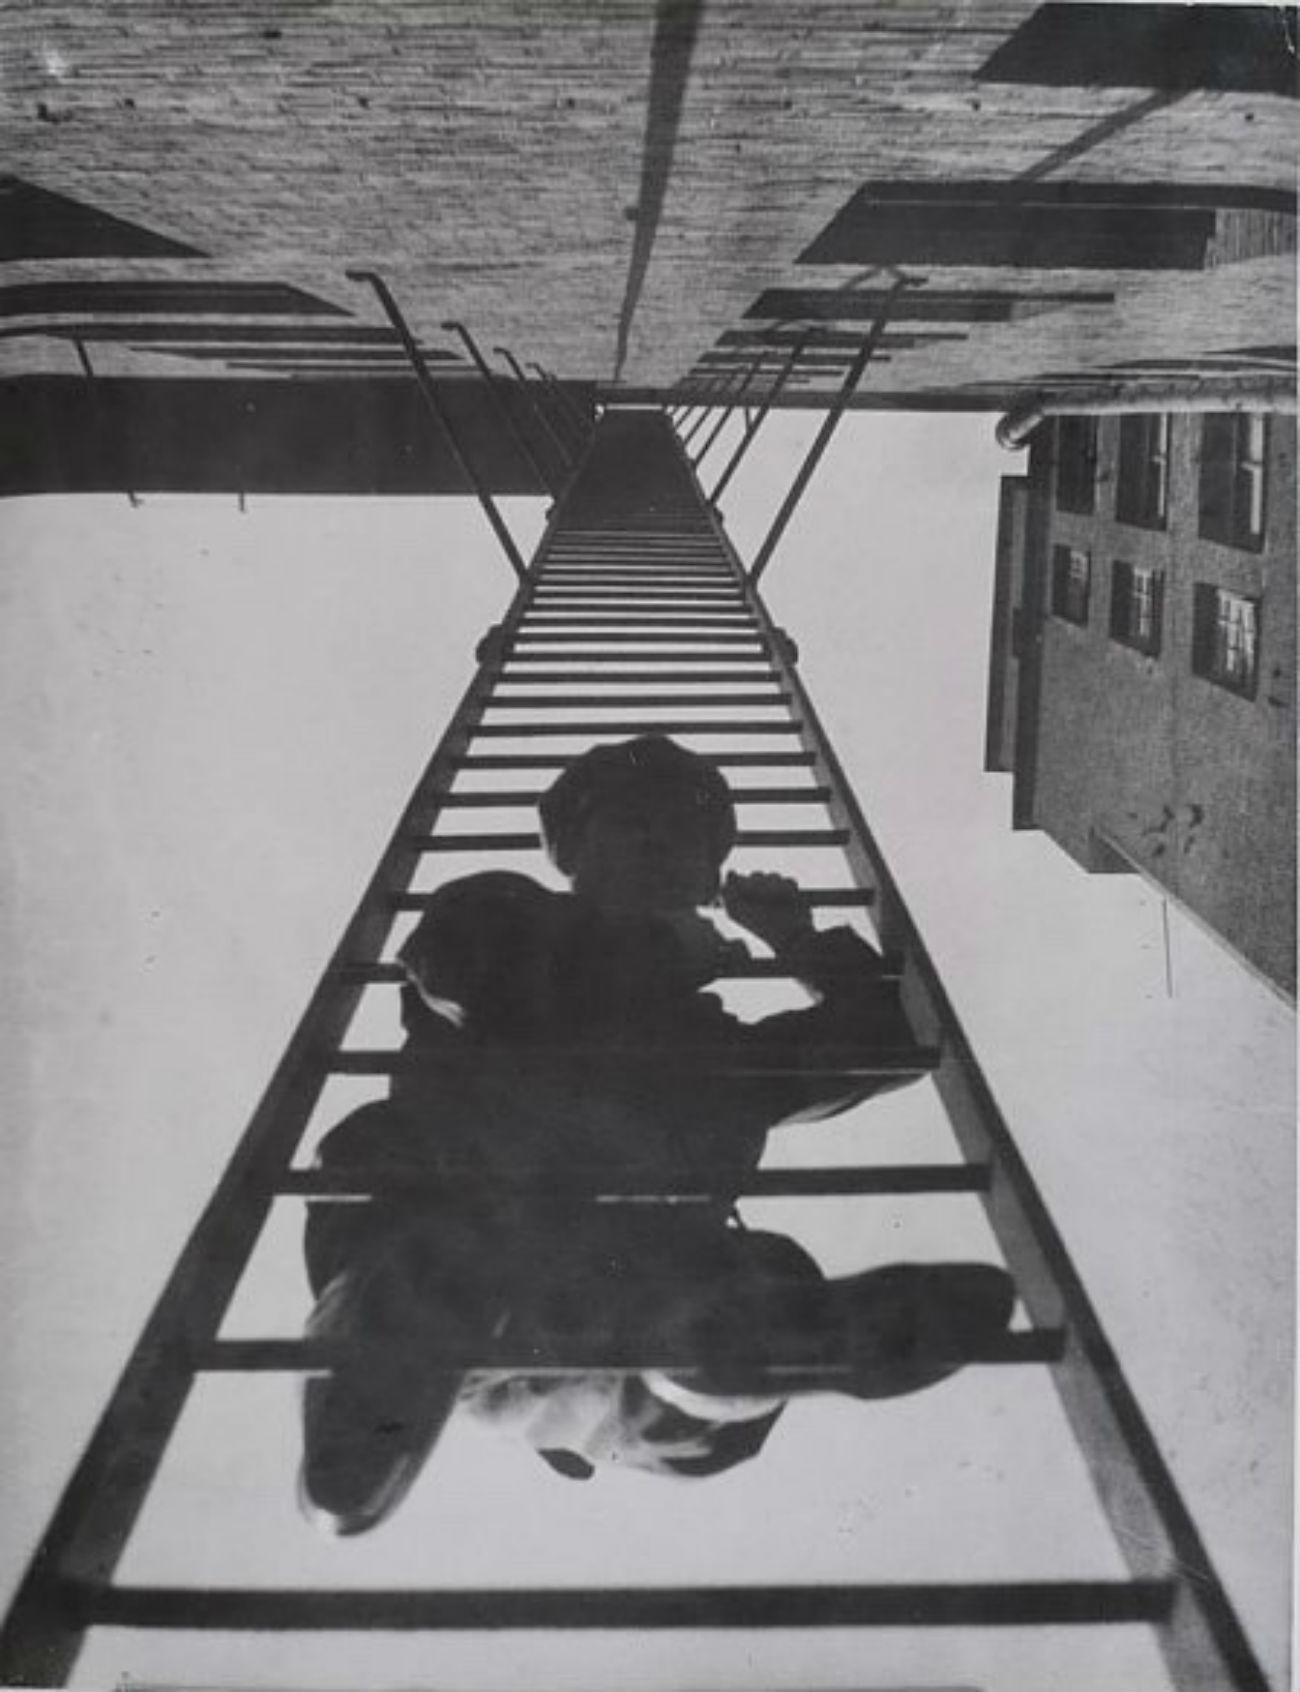 Au-delà de son activité artistique, il fut professeur dans différents établissements, où il enseigna aux étudiants à inventer des objets multifonctionnels à usage quotidien. / Escalier de secours, 1925